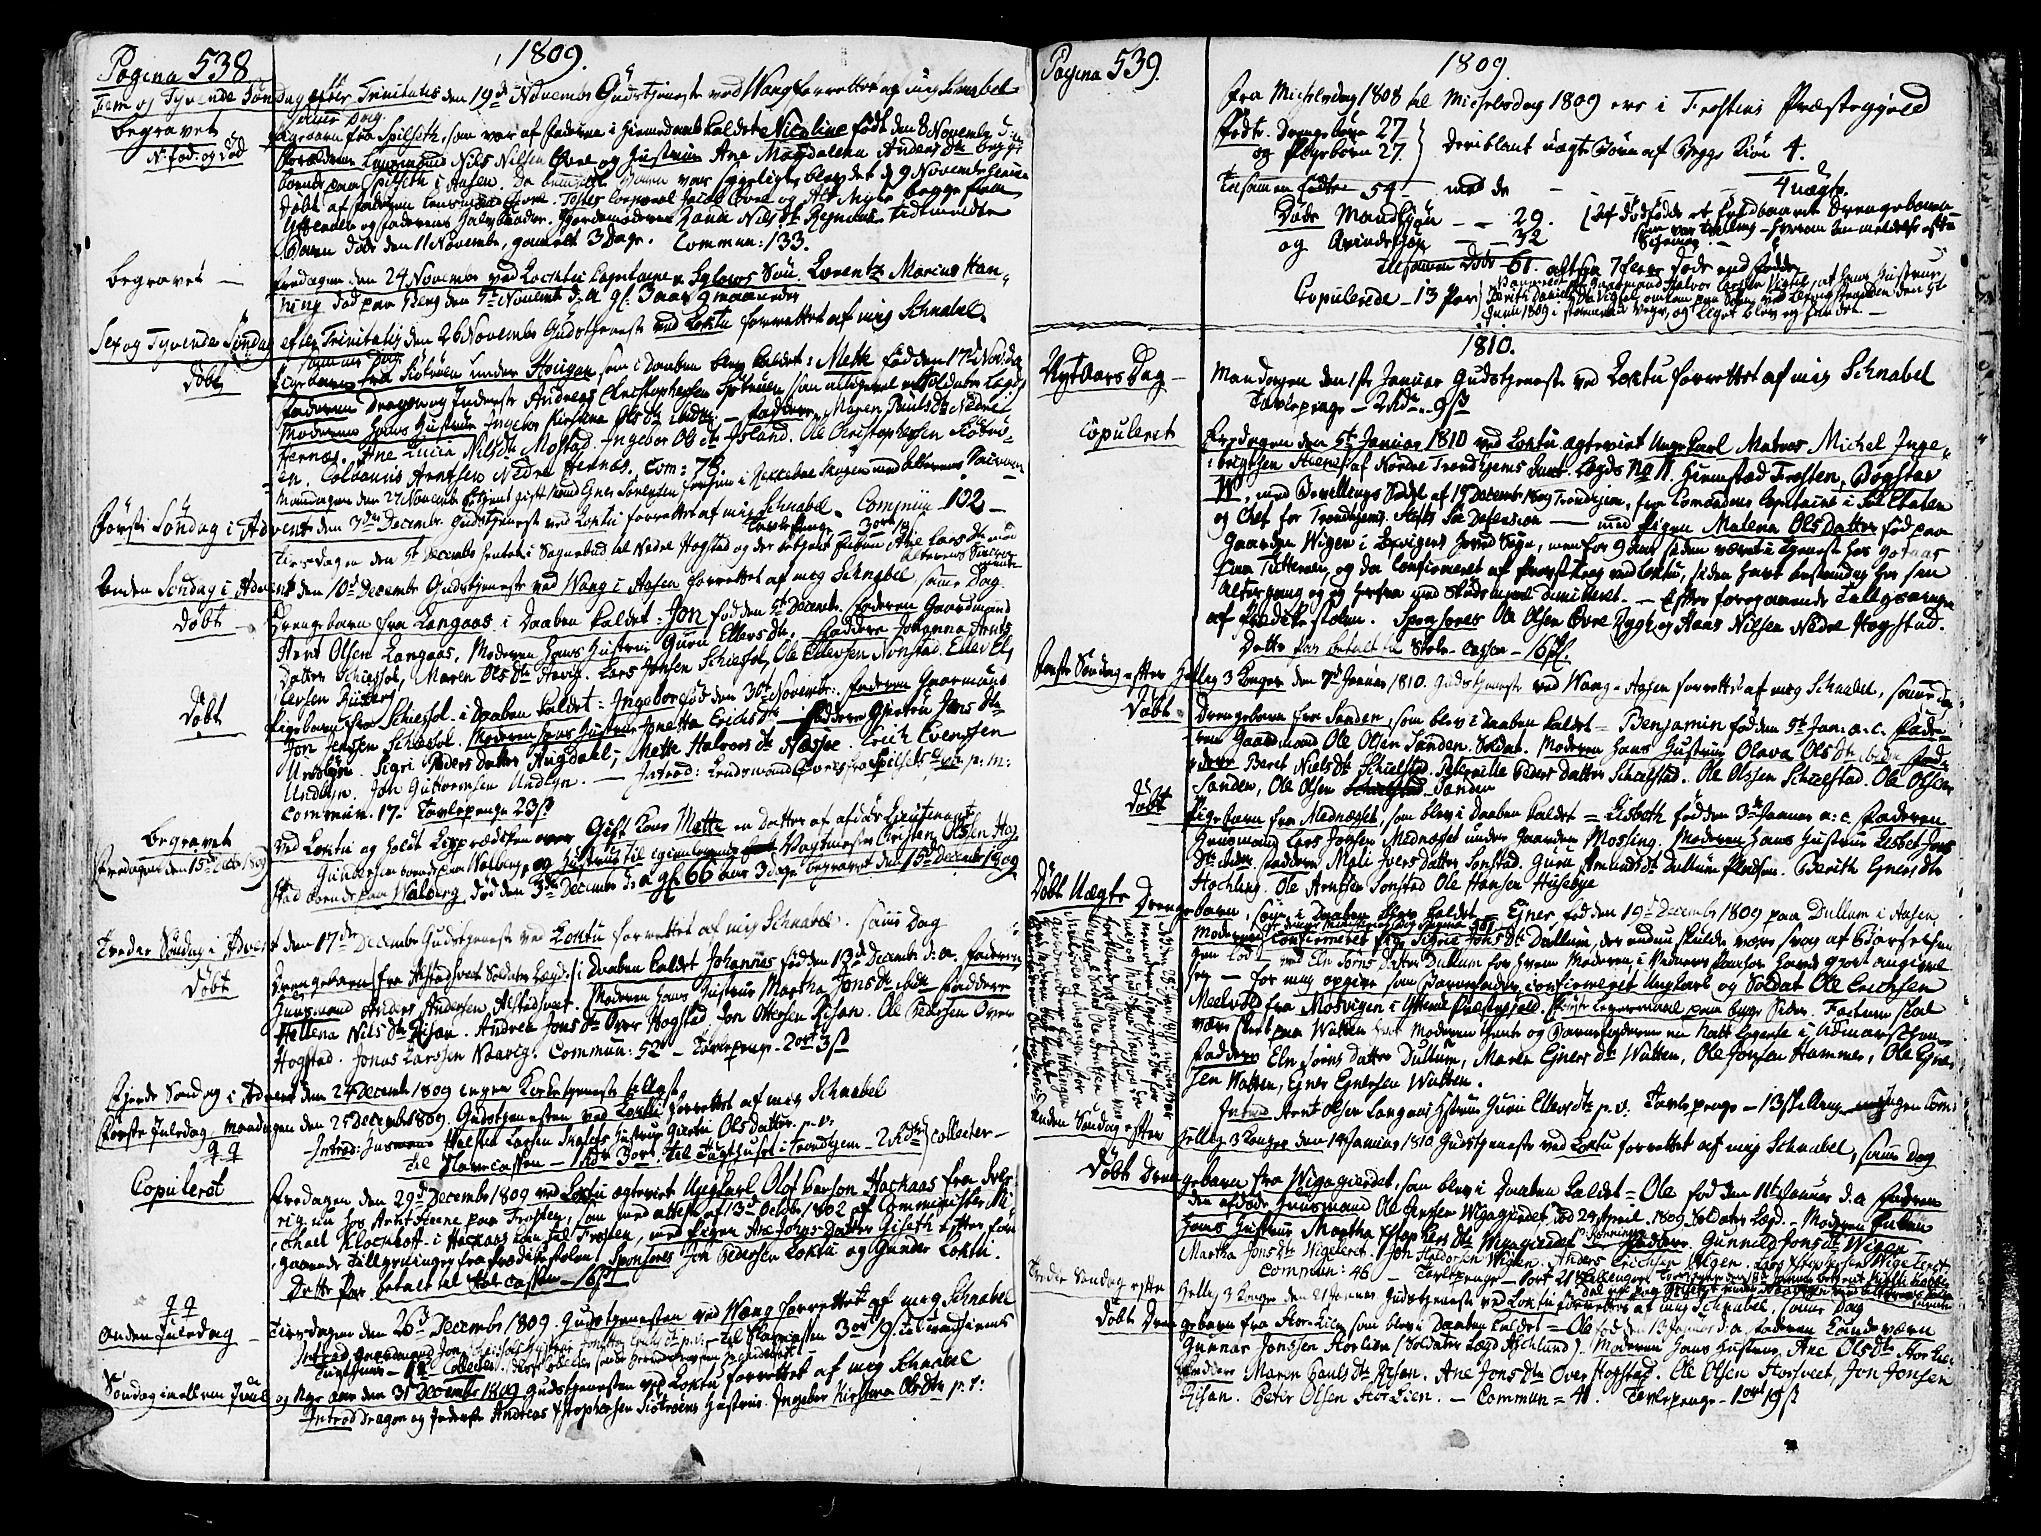 SAT, Ministerialprotokoller, klokkerbøker og fødselsregistre - Nord-Trøndelag, 713/L0110: Ministerialbok nr. 713A02, 1778-1811, s. 538-539